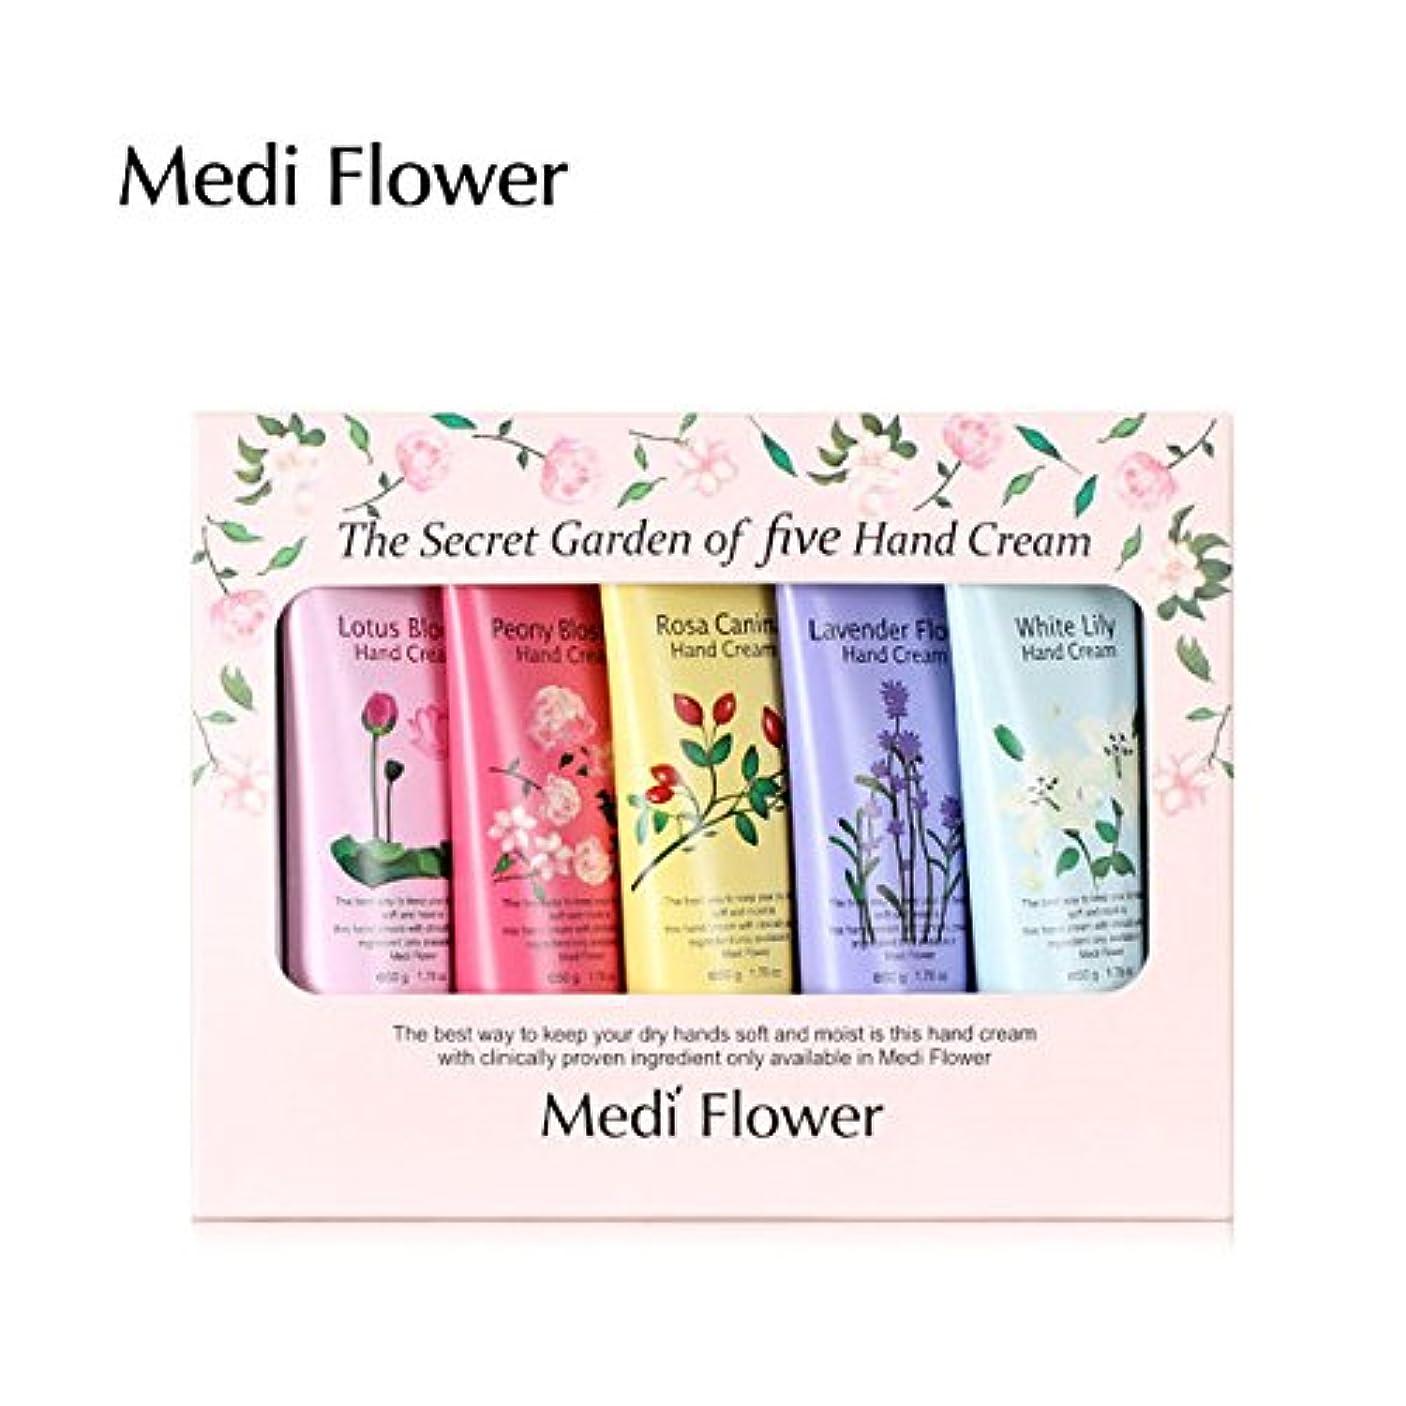 協力所有権笑[MediFlower] ザ?シークレットガーデン?ハンドクリームセット(50g x 5個) / The Secret Garden of Five Hand Cream Set